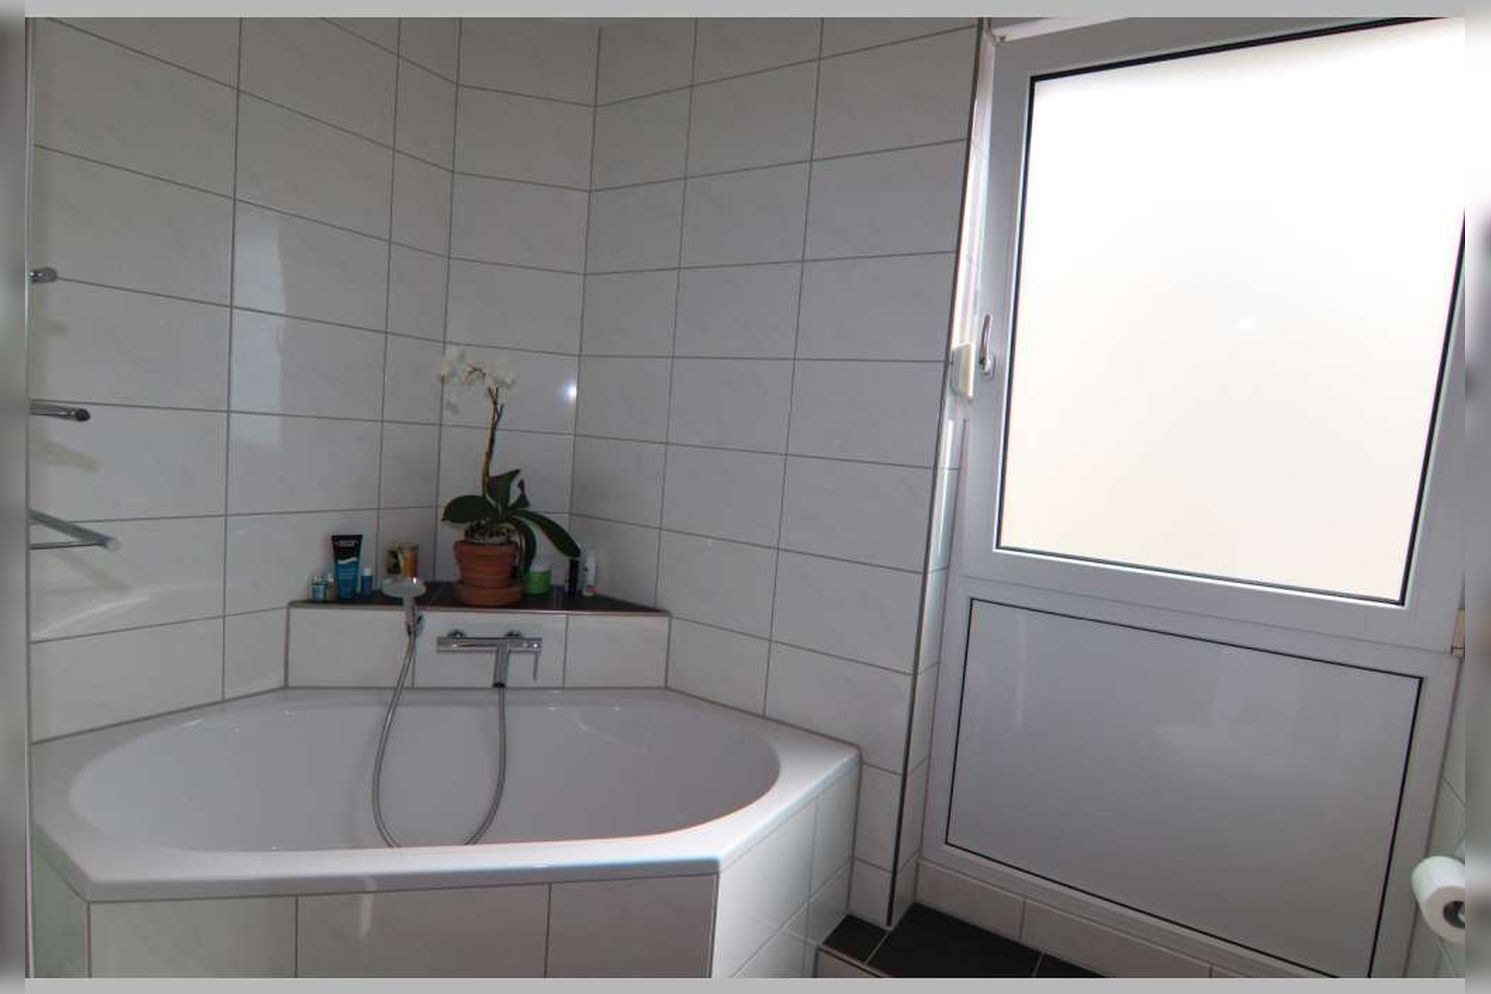 Immobilie Nr.0267 - Doppelhaushälfte mit 4 Zimmern, Küche, Diele, Badzimmer, Gäste-WC, Garten und Garage - nicht unterkellert - Bild 16.jpg